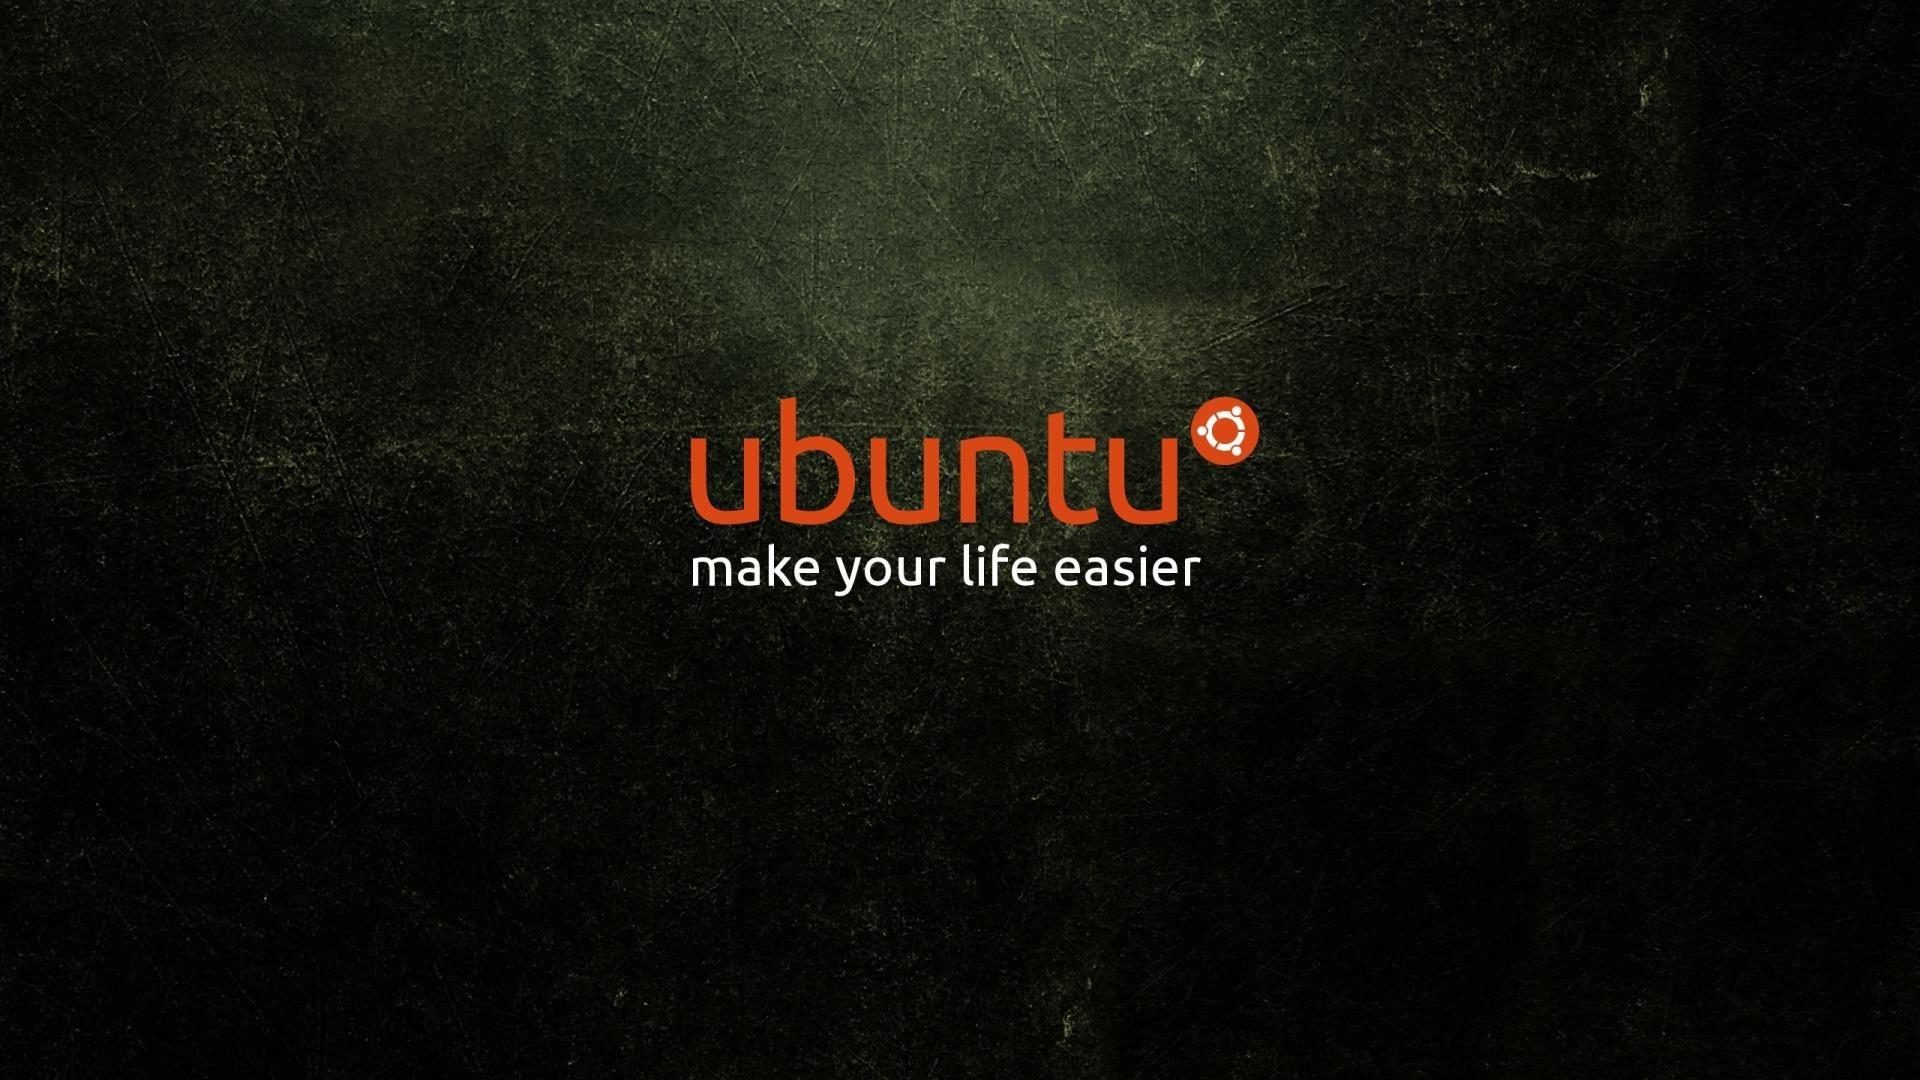 1920x1080 10 ubuntu wallpaper location hd10 600x338